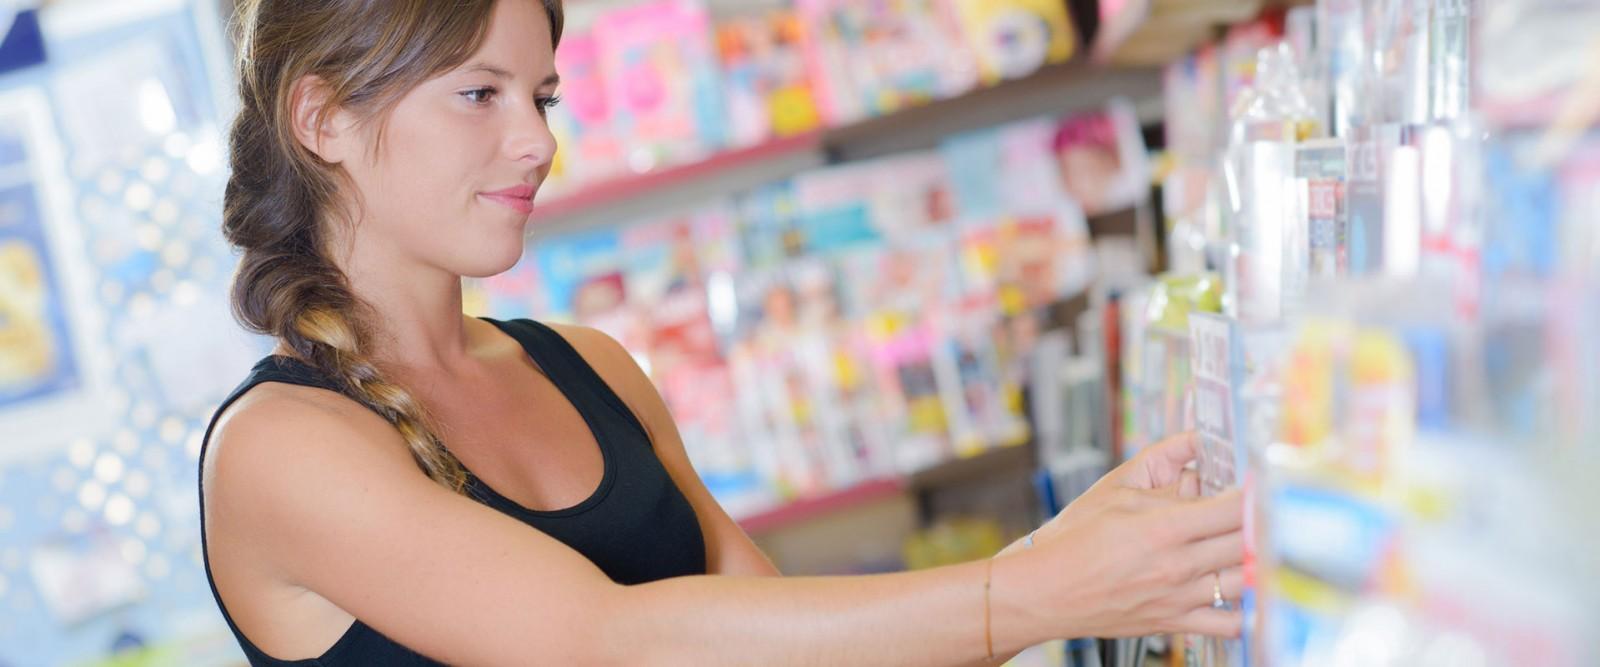 Frau vor Zeitschriftenregal mit riesiger Auswahl